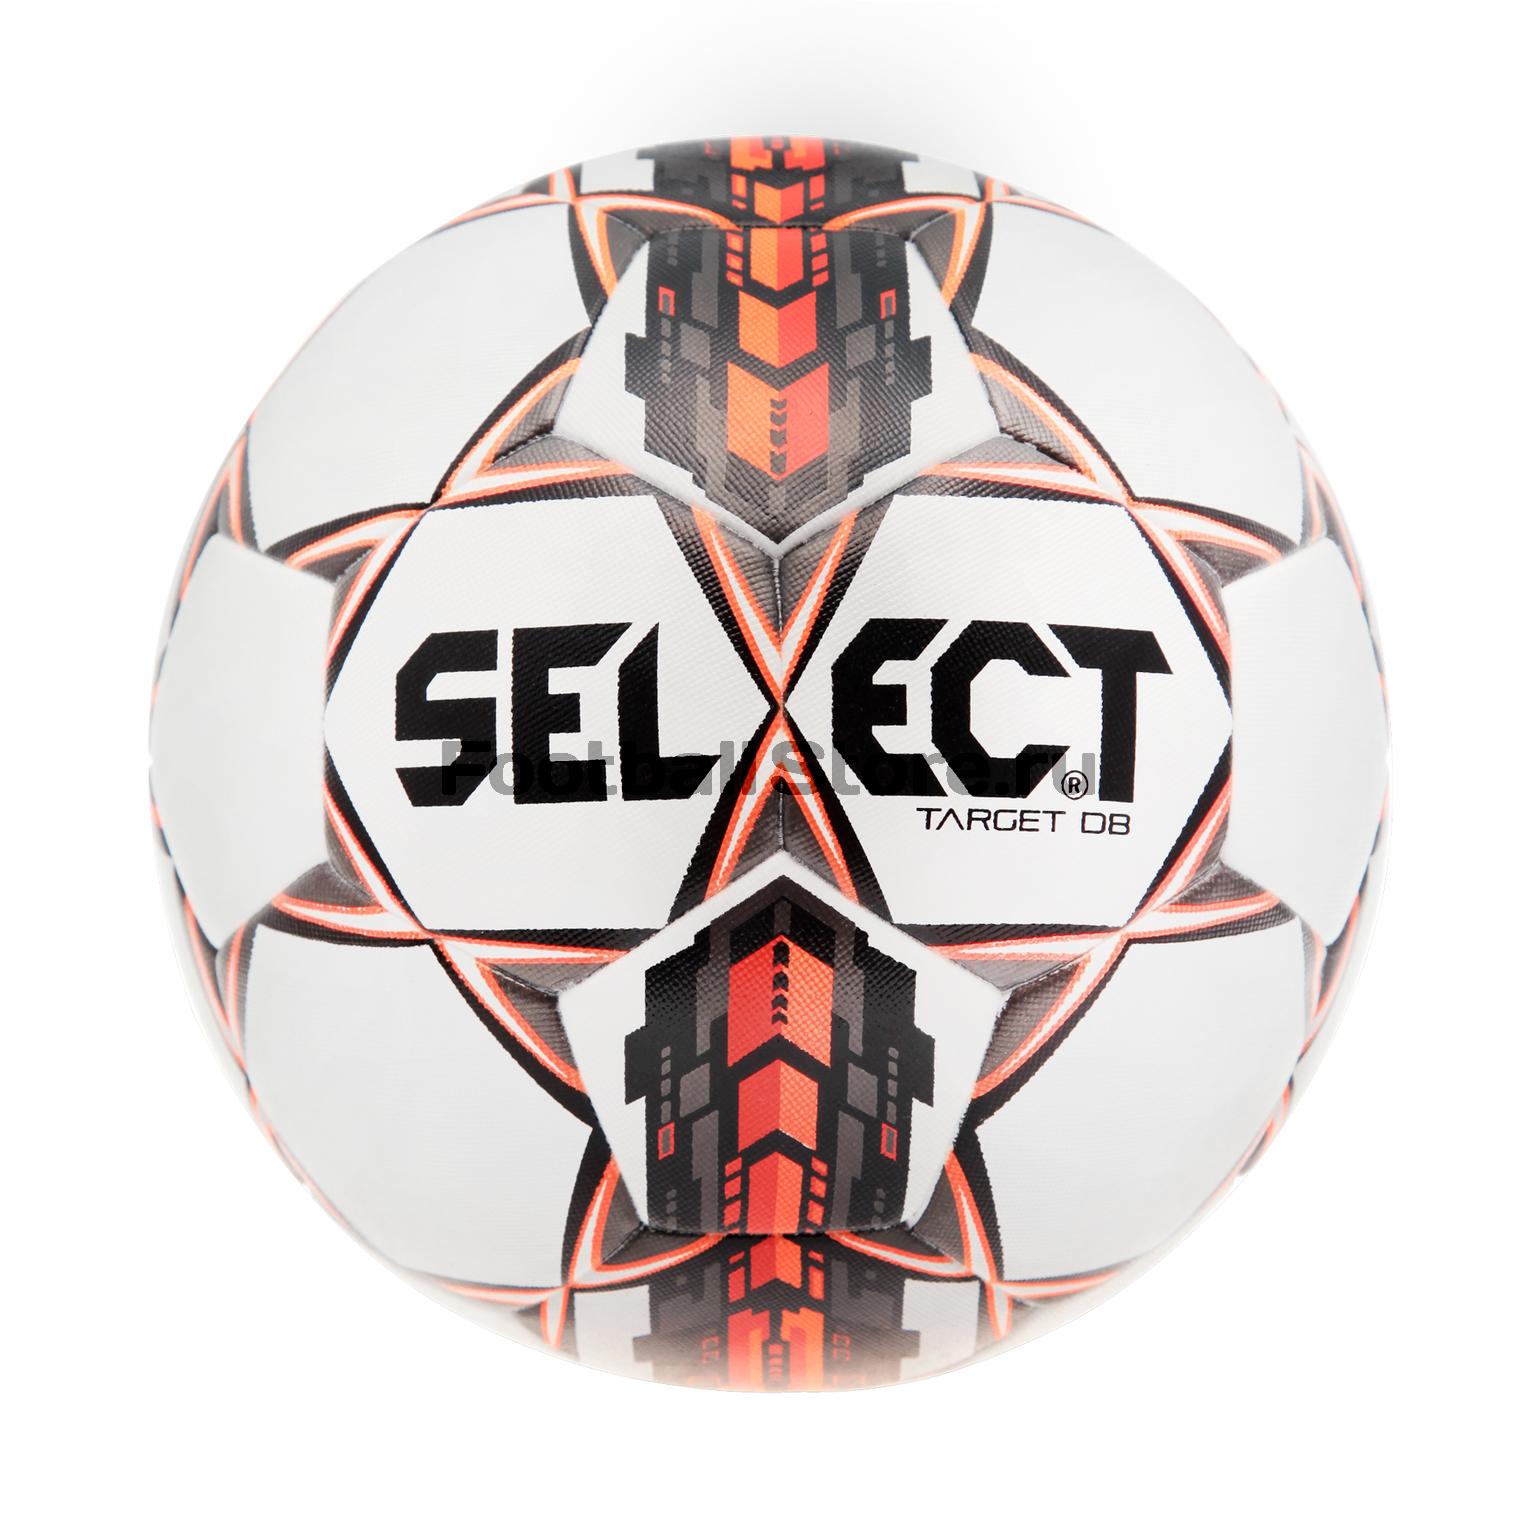 Классические Select Футбольный мяч Select Target DB 815217-006 select мundo красный 846211 323